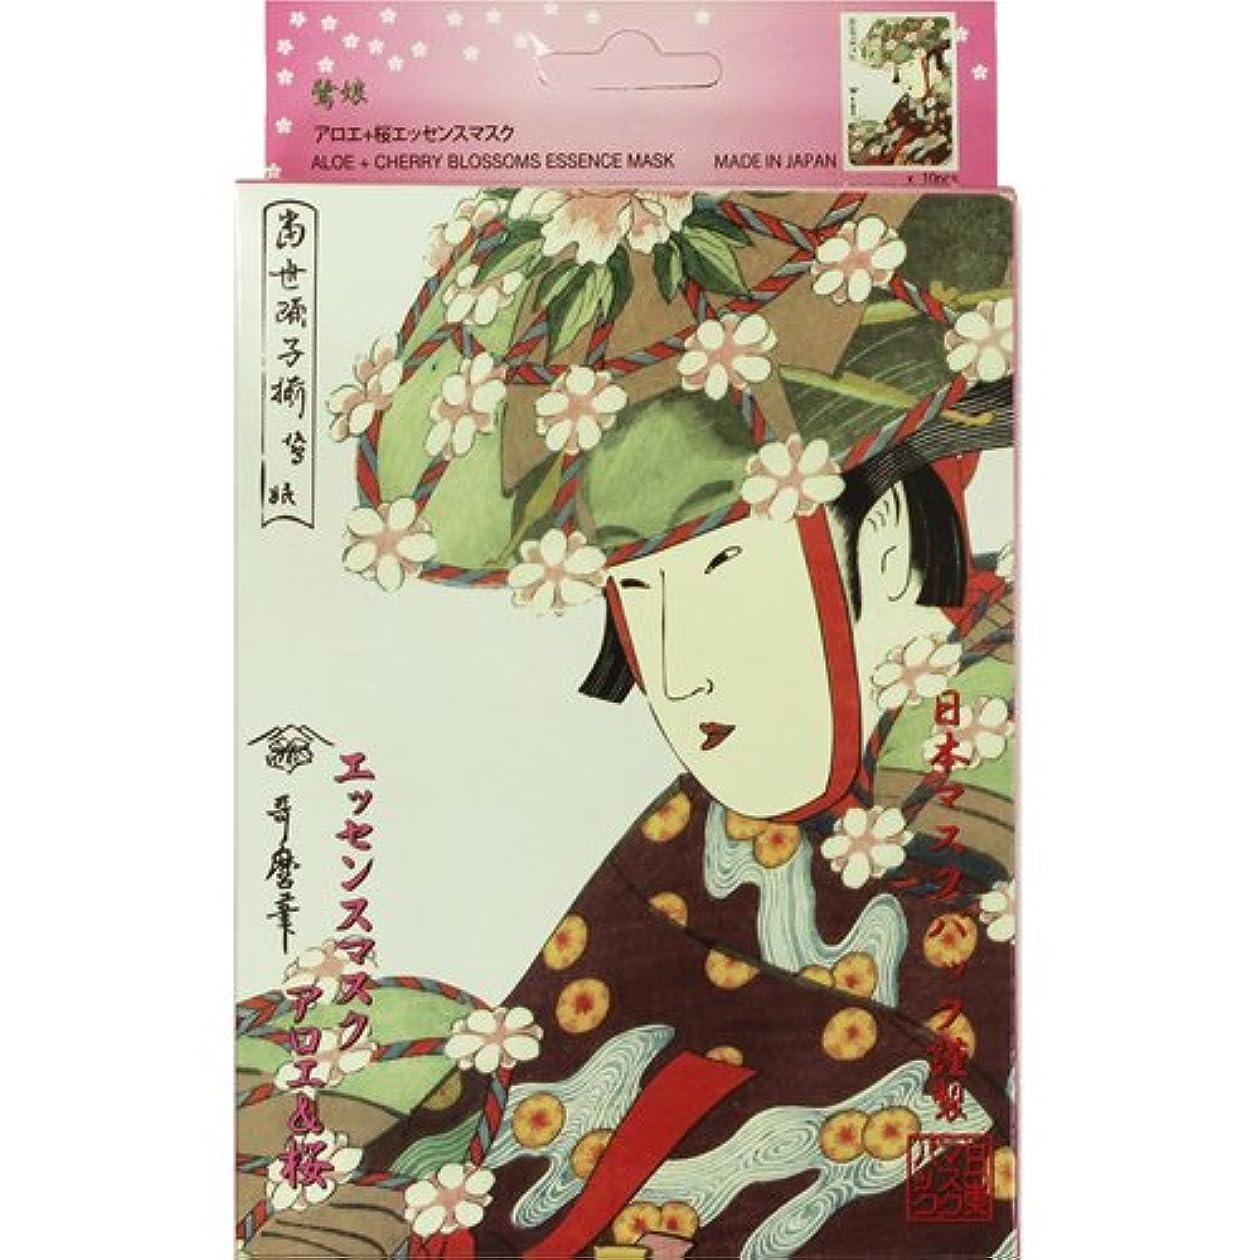 ぎこちない四半期第九エッセンスマスク アロエ+桜10枚